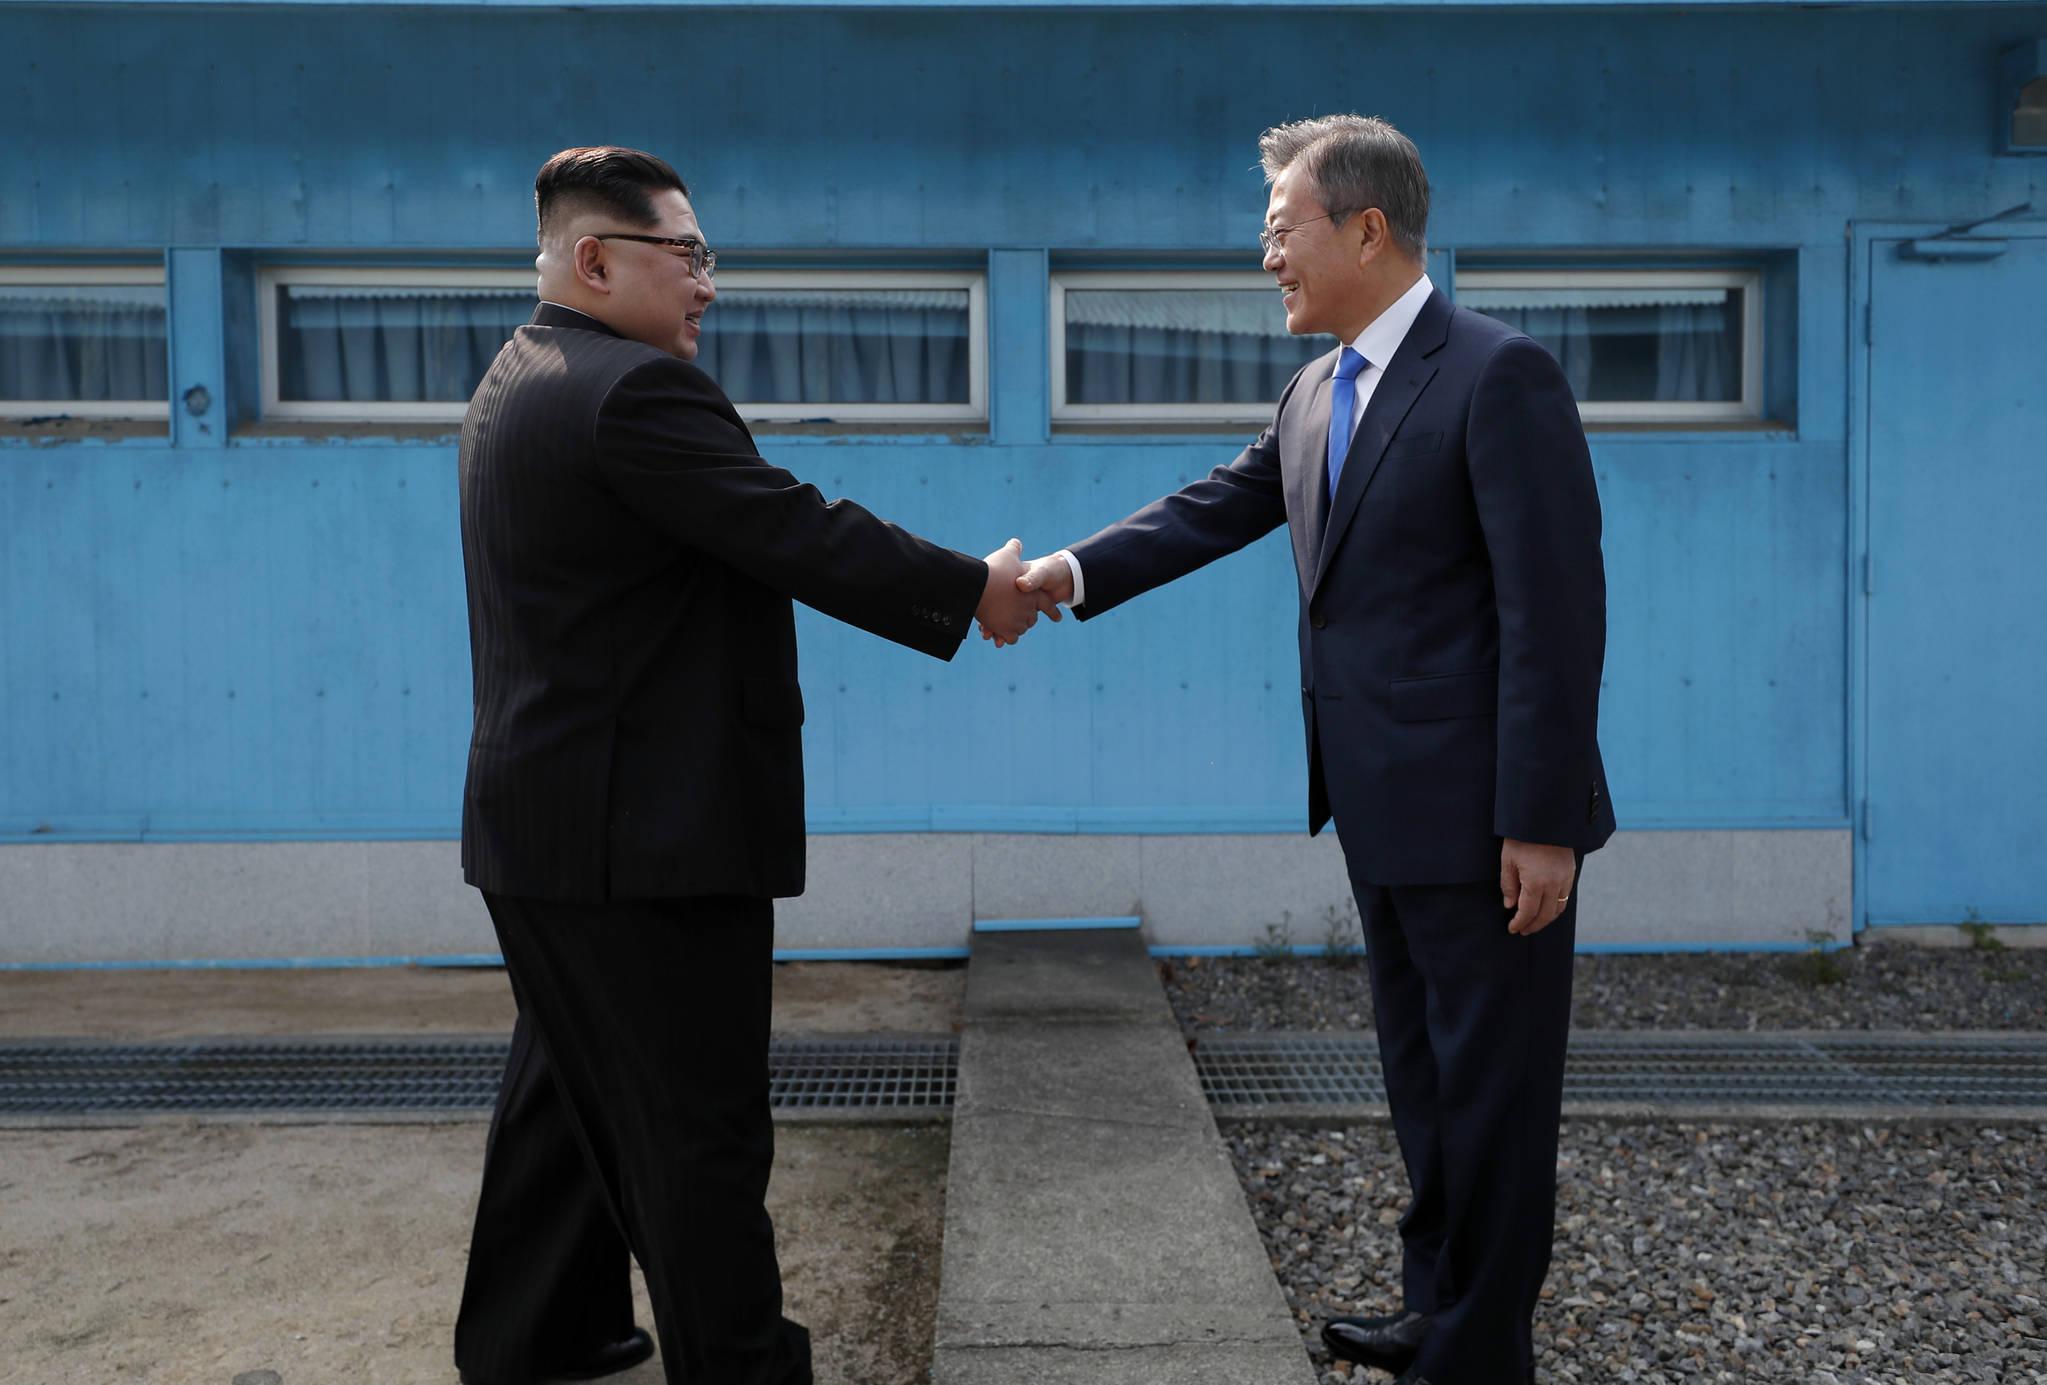 문재인 대통령과 김정은 국무위원장이 군사분계선에서 처음 만나 악수를 하고 있다. 김상선 기자